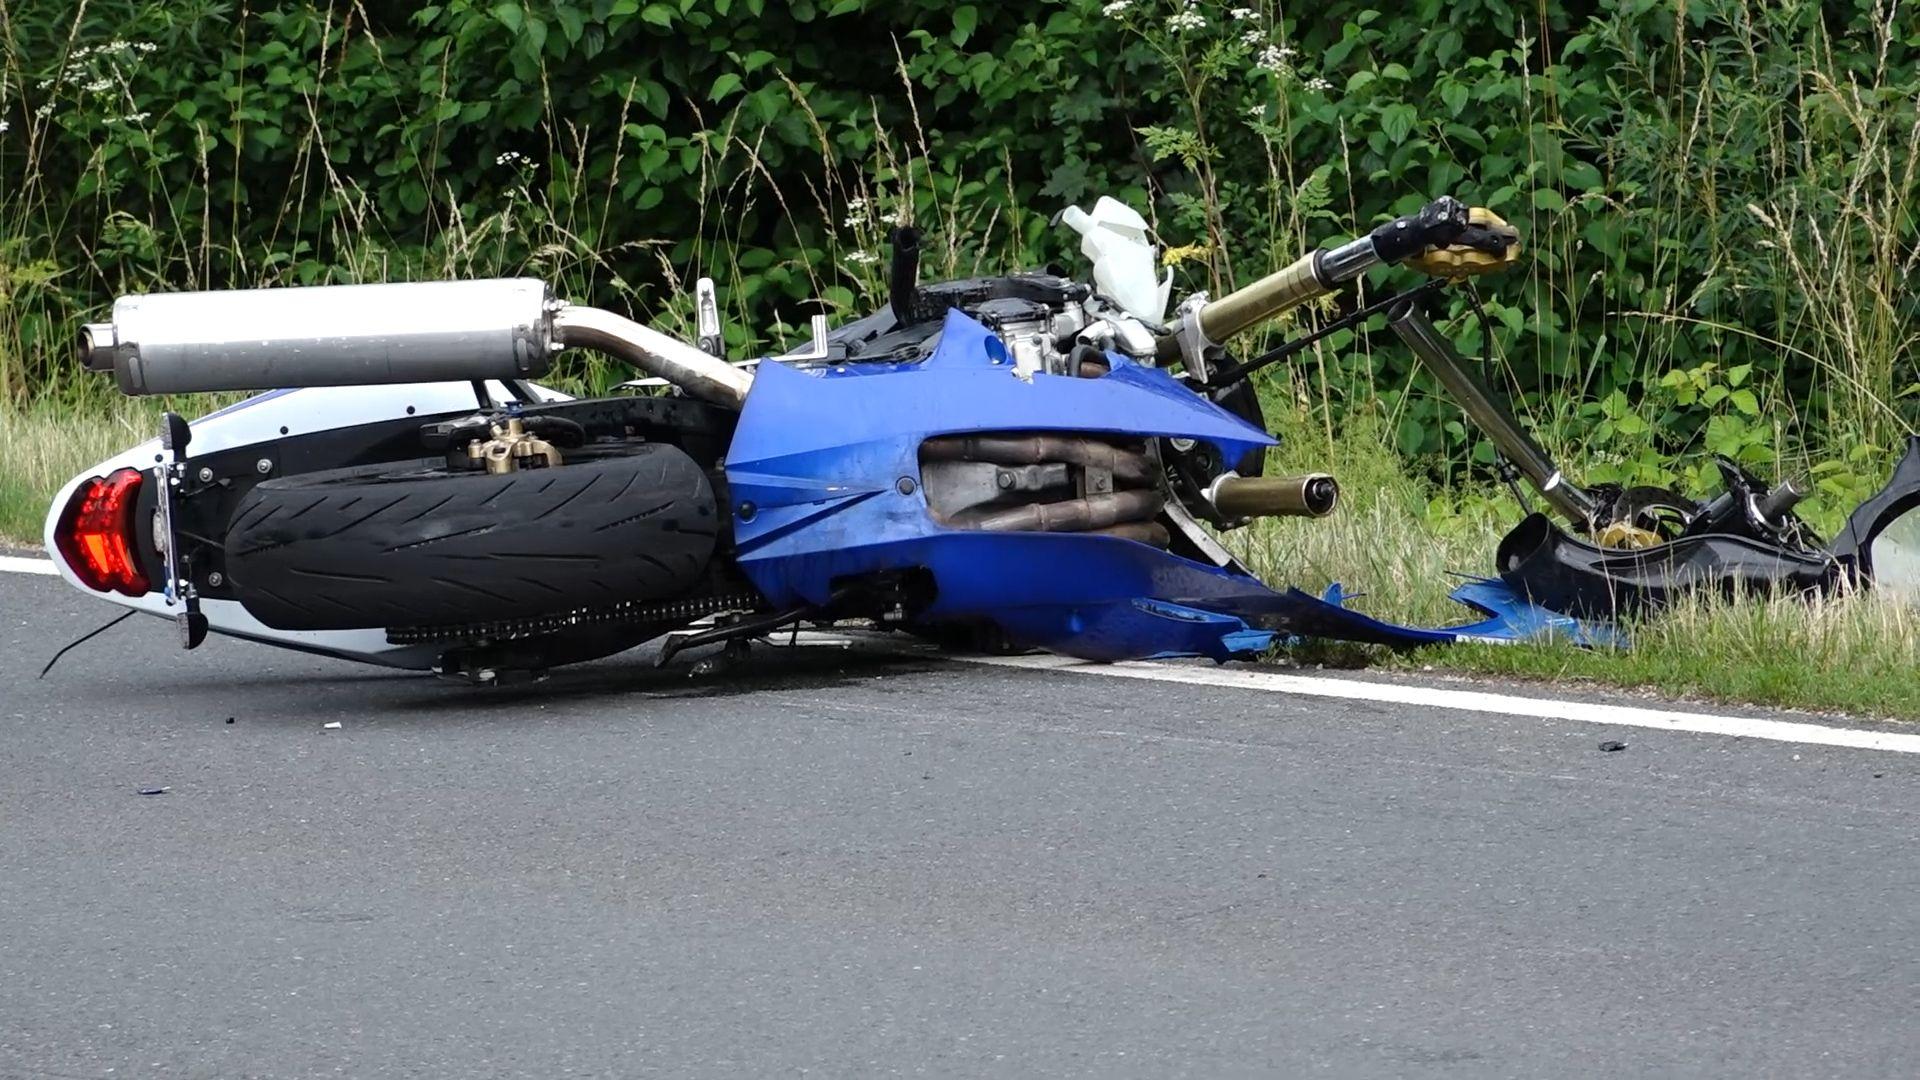 Das Motorrad des tödlich verunglückten Motorradfahrers in Nürnberg-Katzwang nach dem Unfall.